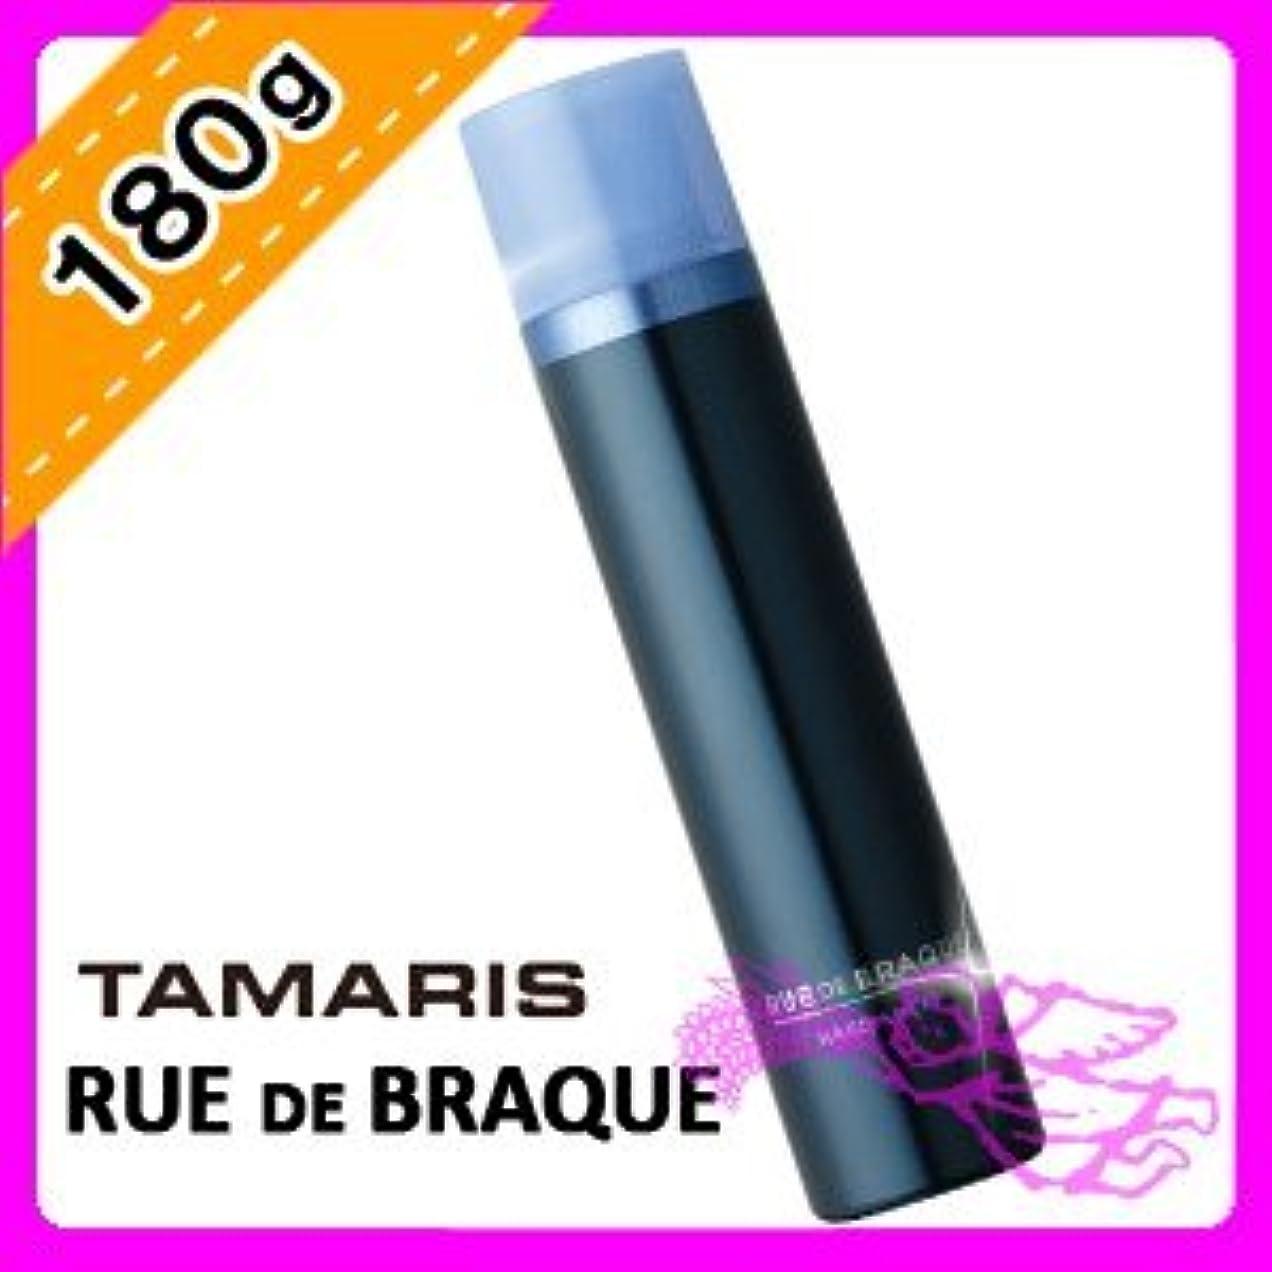 とげメロディアスレンチタマリス ルードブラック ハードスプレー 180g TAMARIS RUE DE BRAQUE